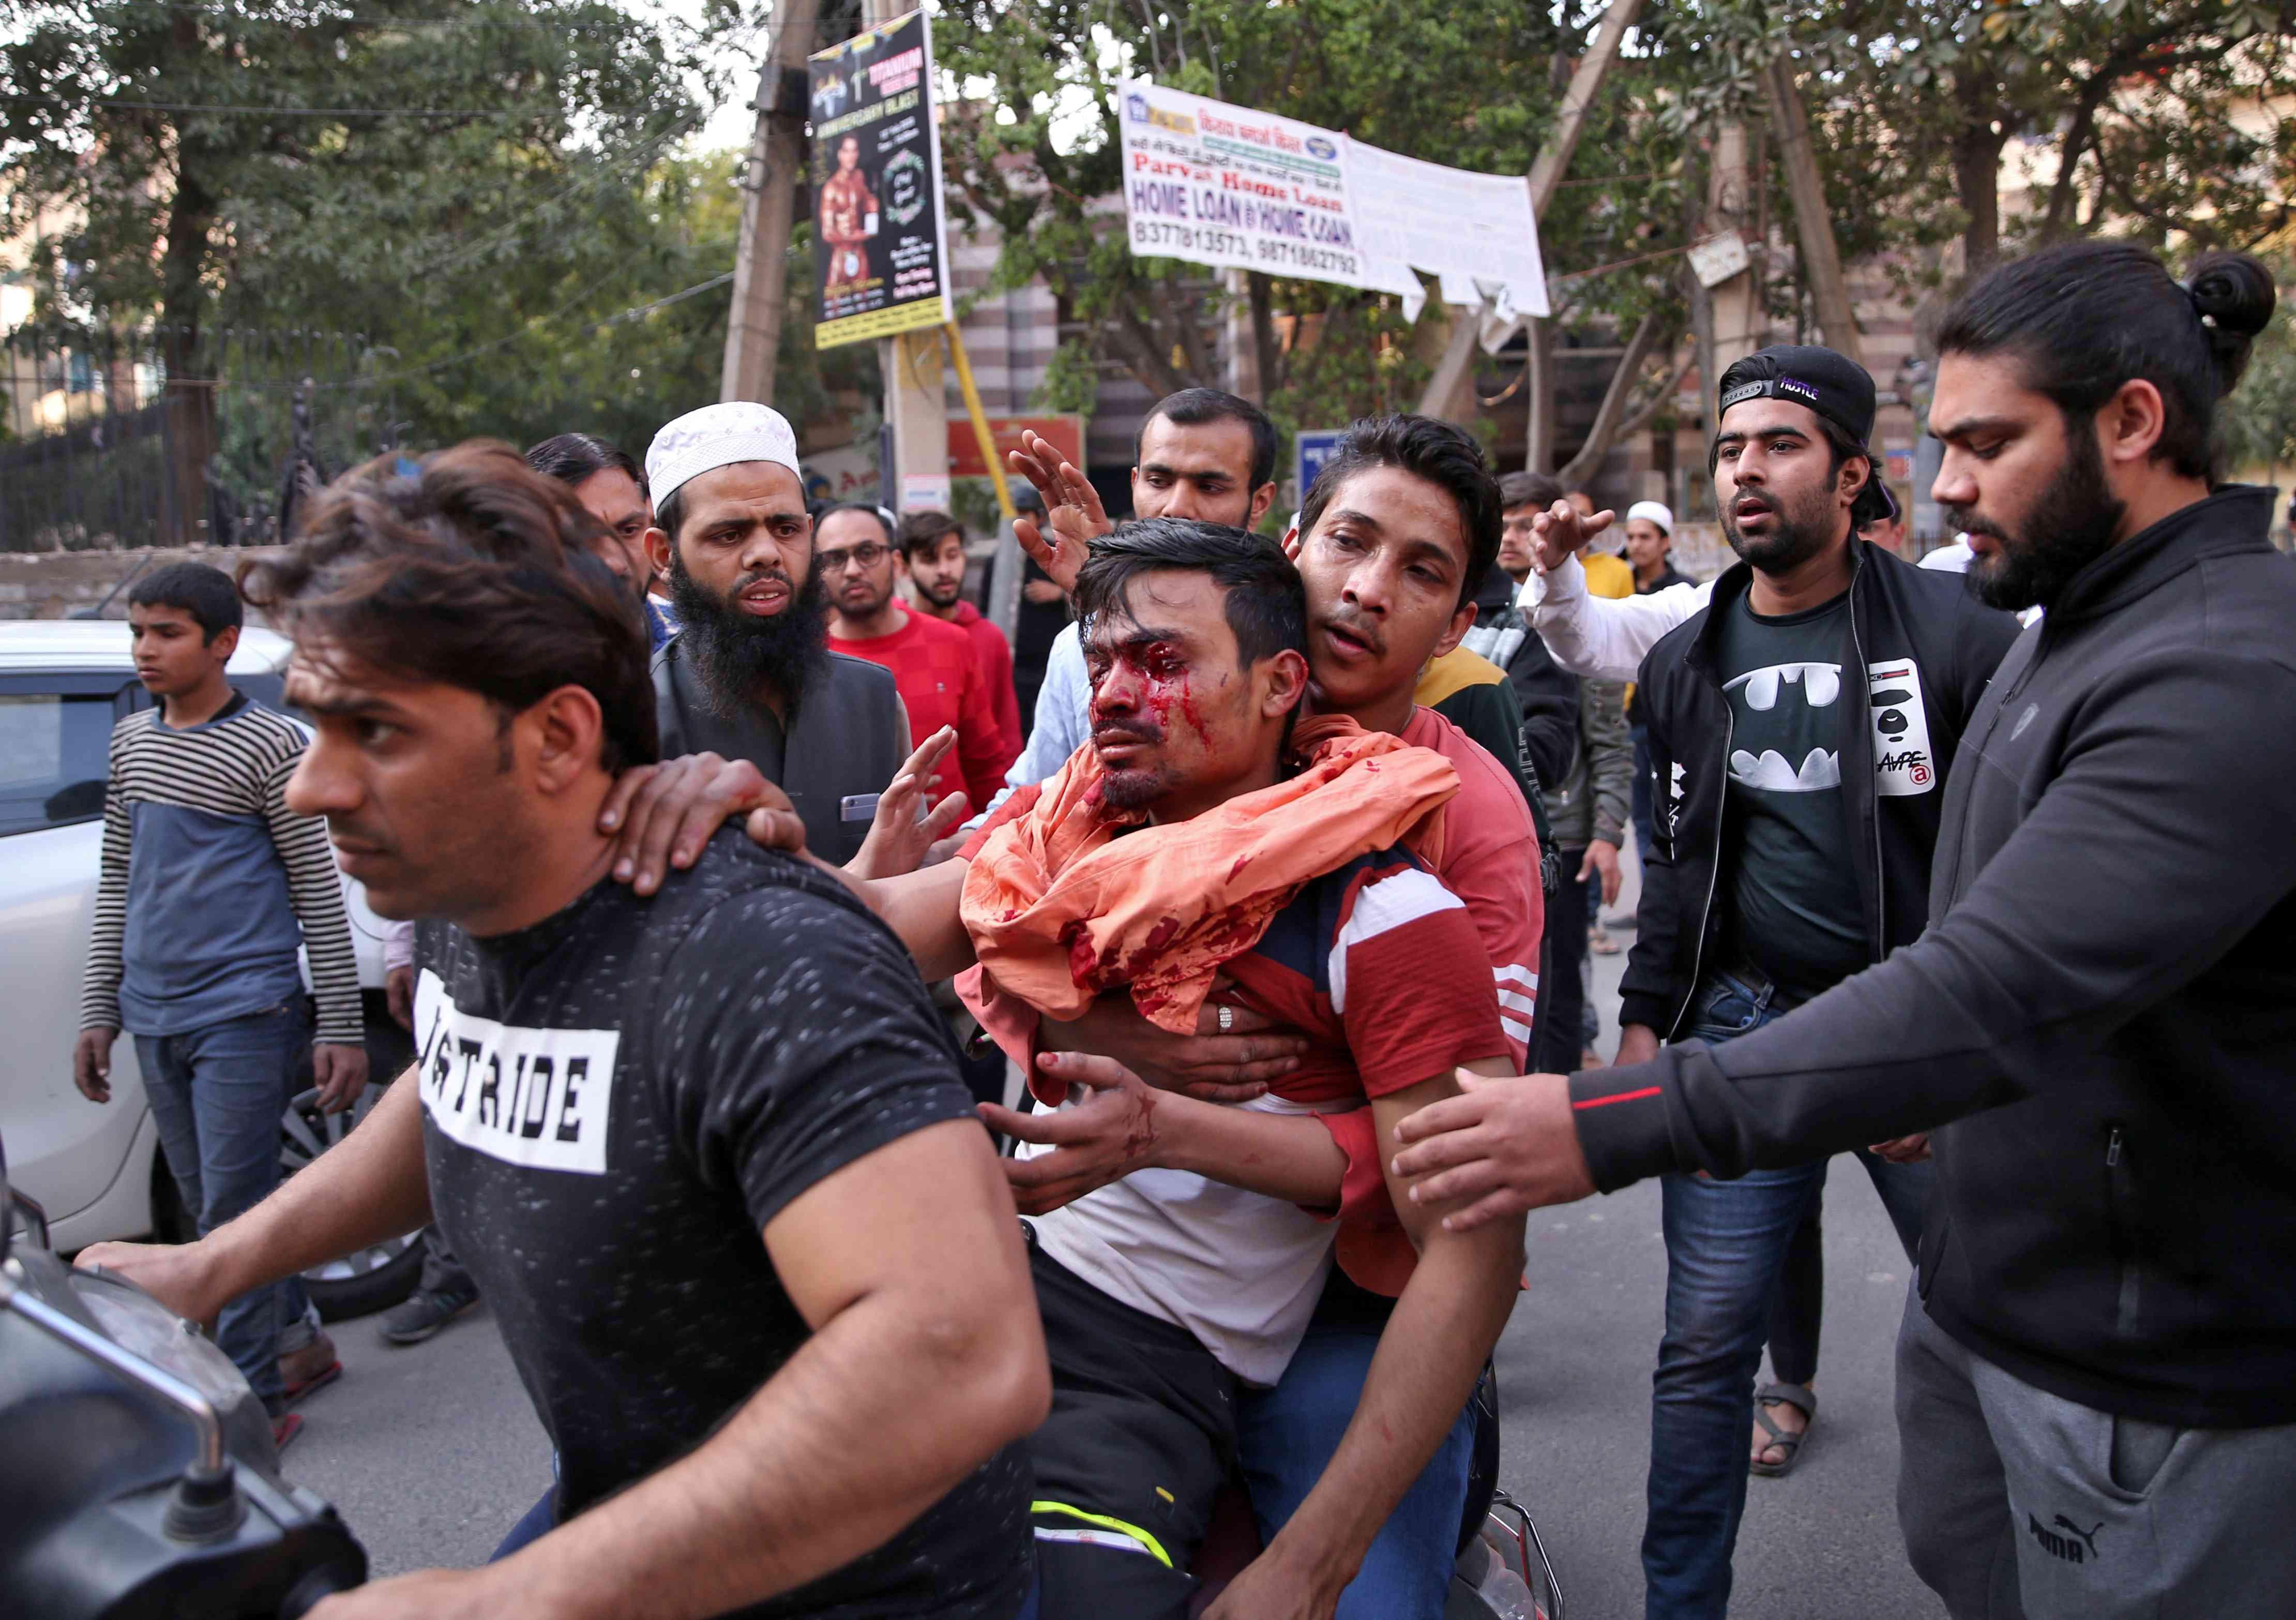 भाइरल भएका भिडिओ र तस्बिरमा हेर्नुहोस्, दिल्लीमा यसरी भड्किँदैछ हिंसा